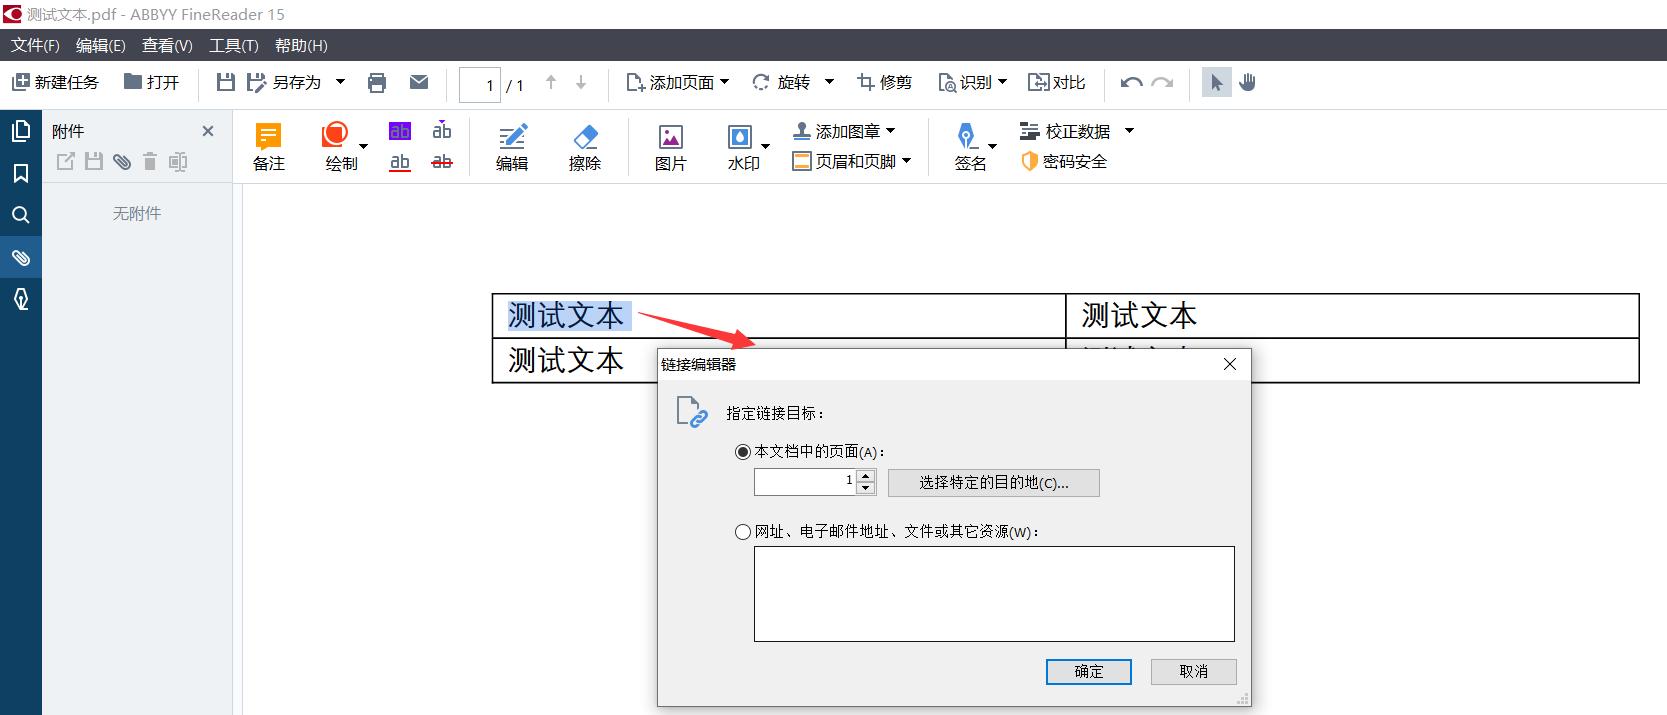 图五:使用ABBYY Finereader 15软件为PDF文档添加跳转网址